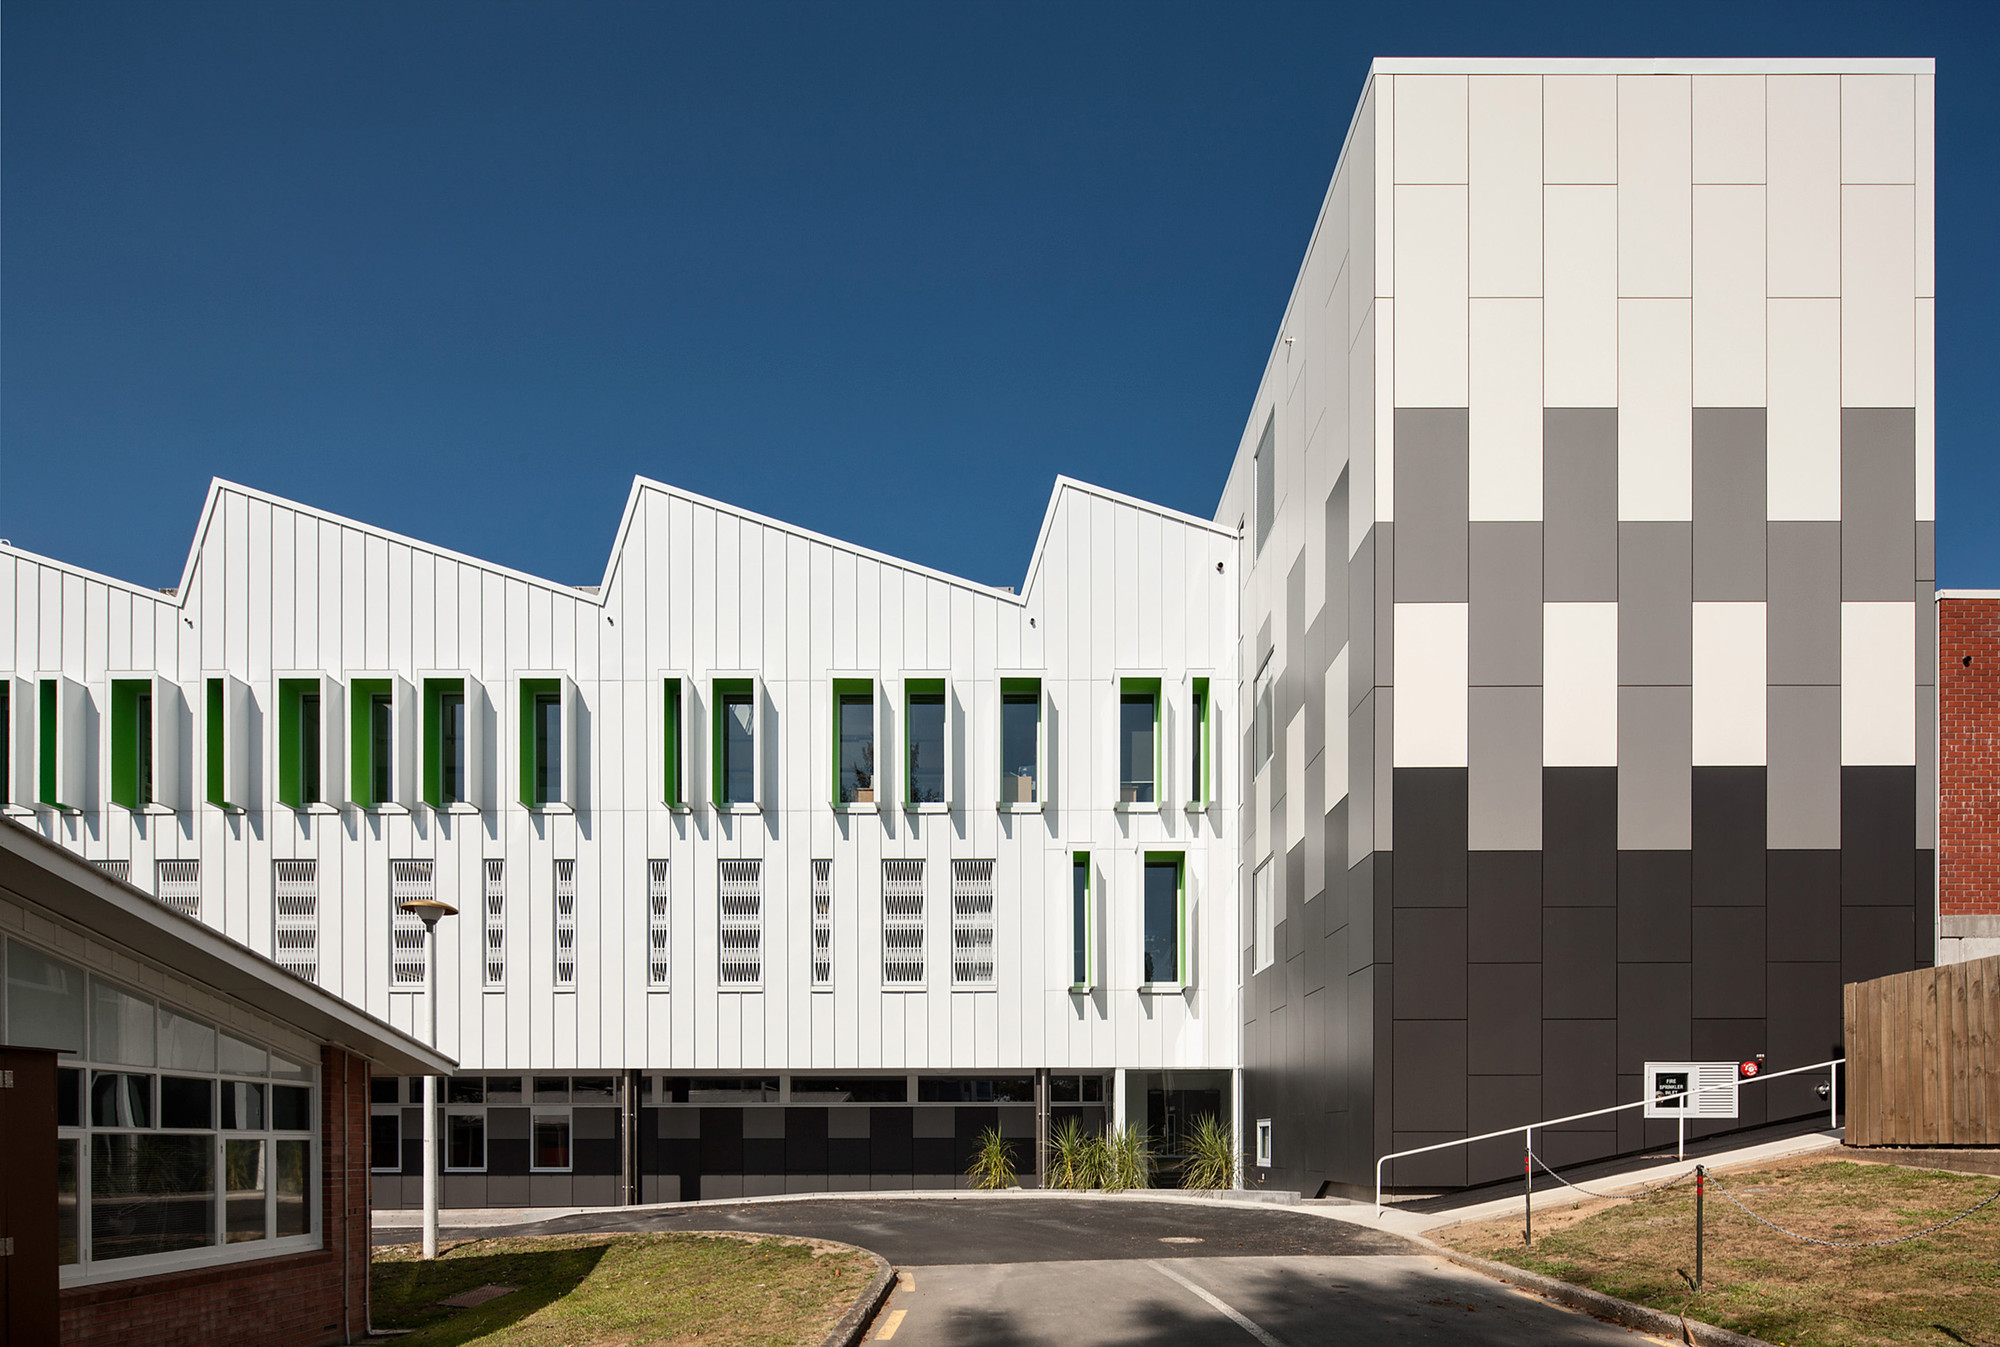 Centro Kathleen Kilgour / Wingate + Farquhar Architects, © Simon Devitt